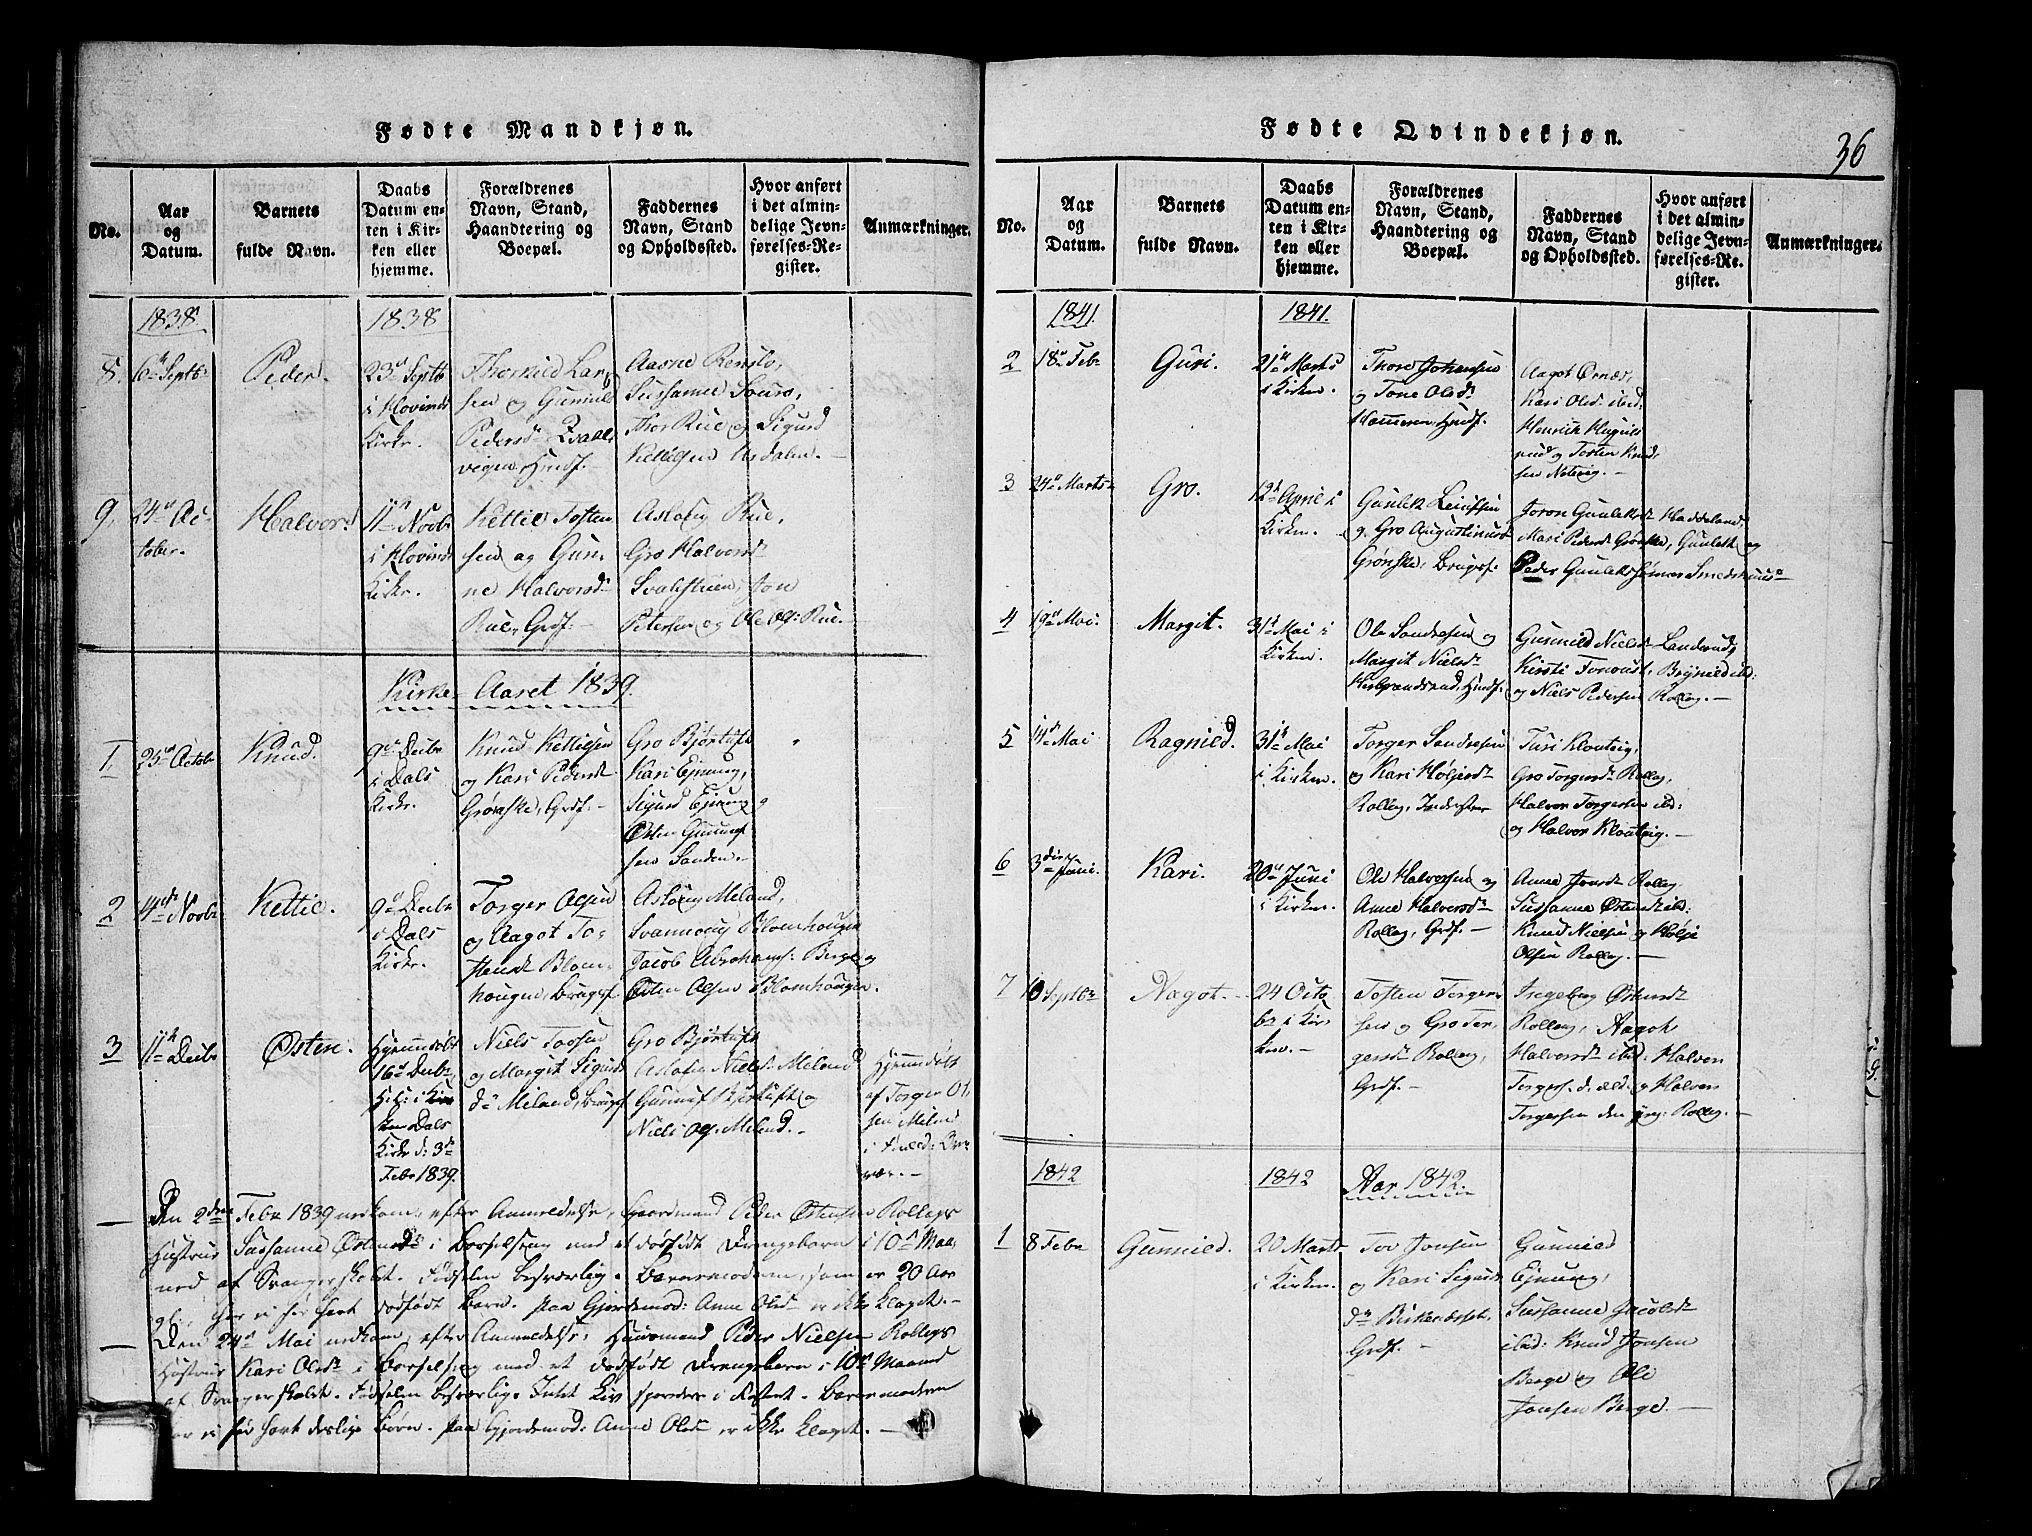 SAKO, Tinn kirkebøker, G/Gb/L0001: Klokkerbok nr. II 1 /1, 1815-1850, s. 36